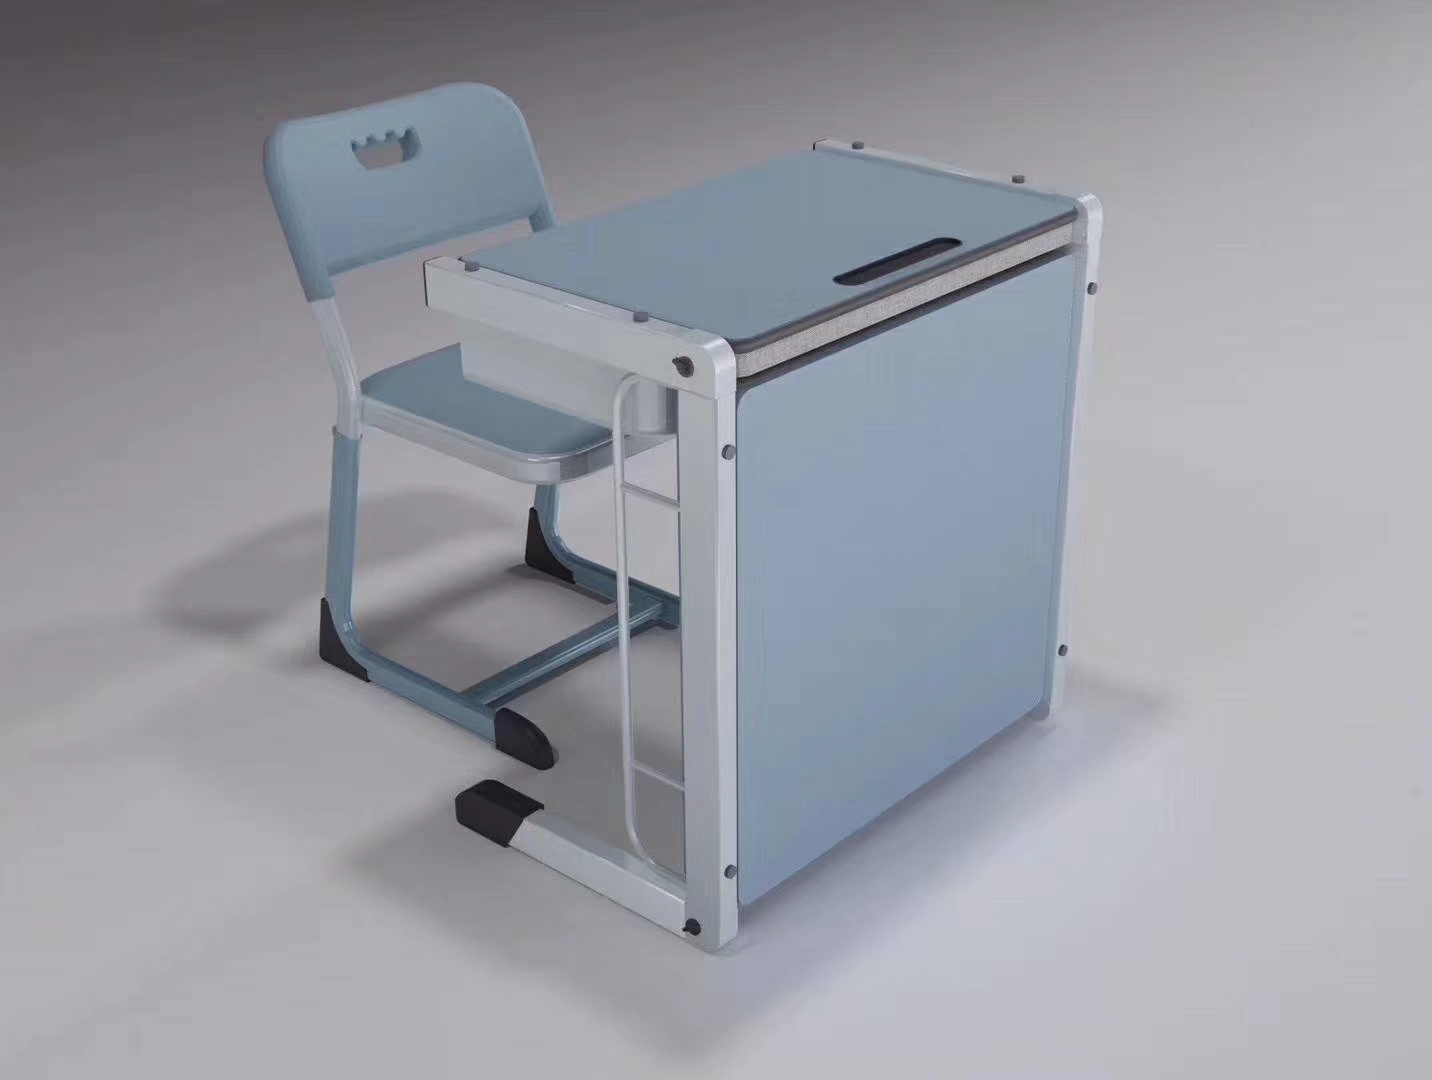 学生课桌椅,中小学生课桌椅,学校/机构使用的课桌椅